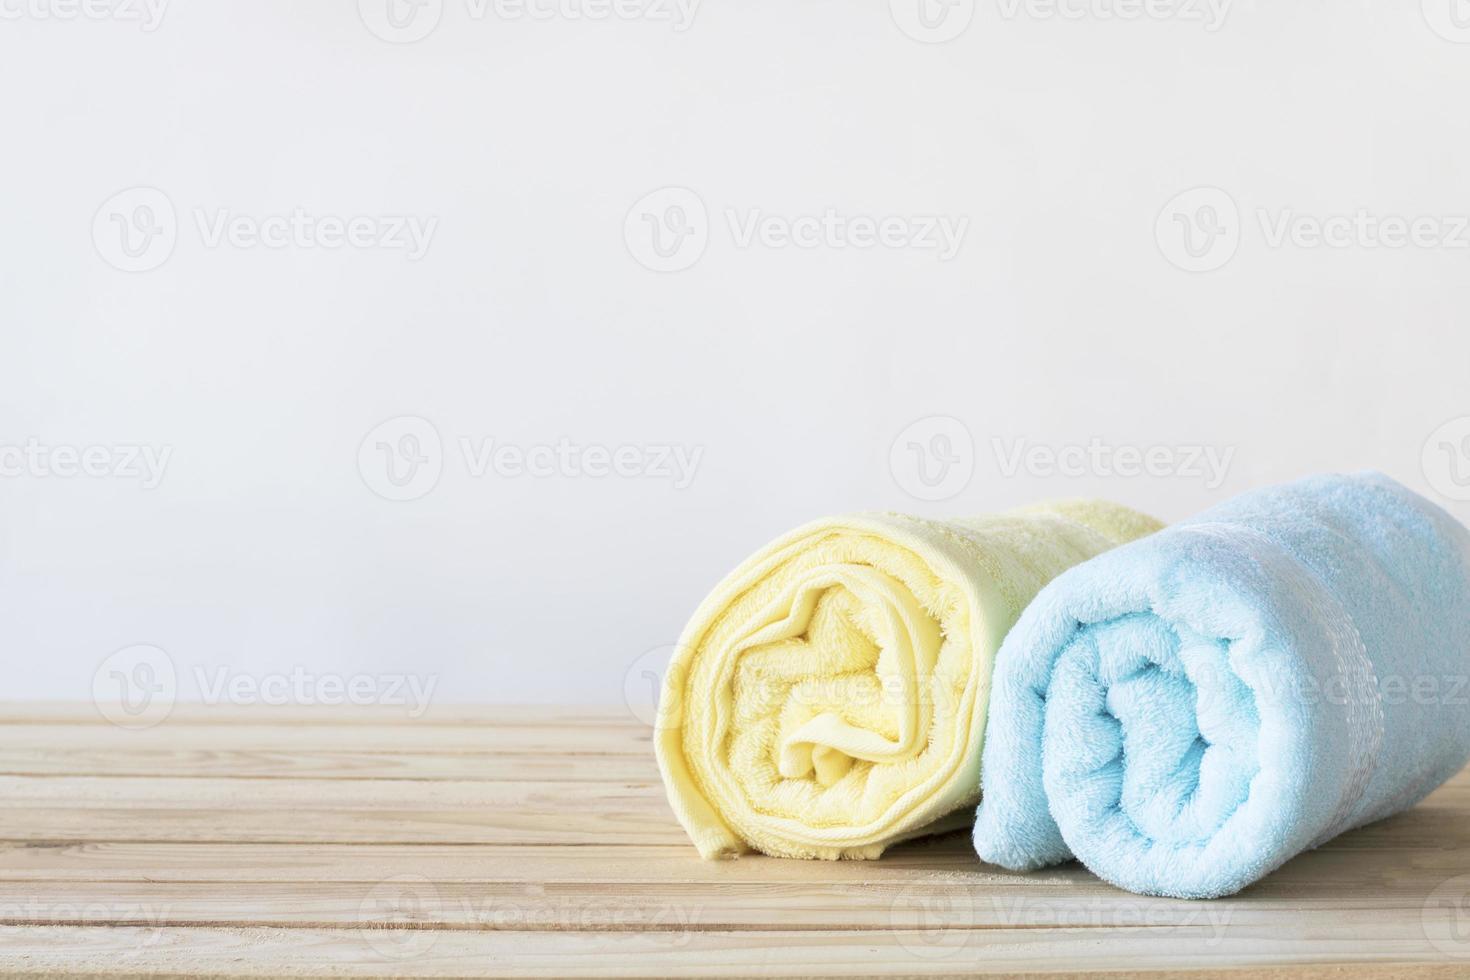 asciugamani arrotolati gialli e blu foto